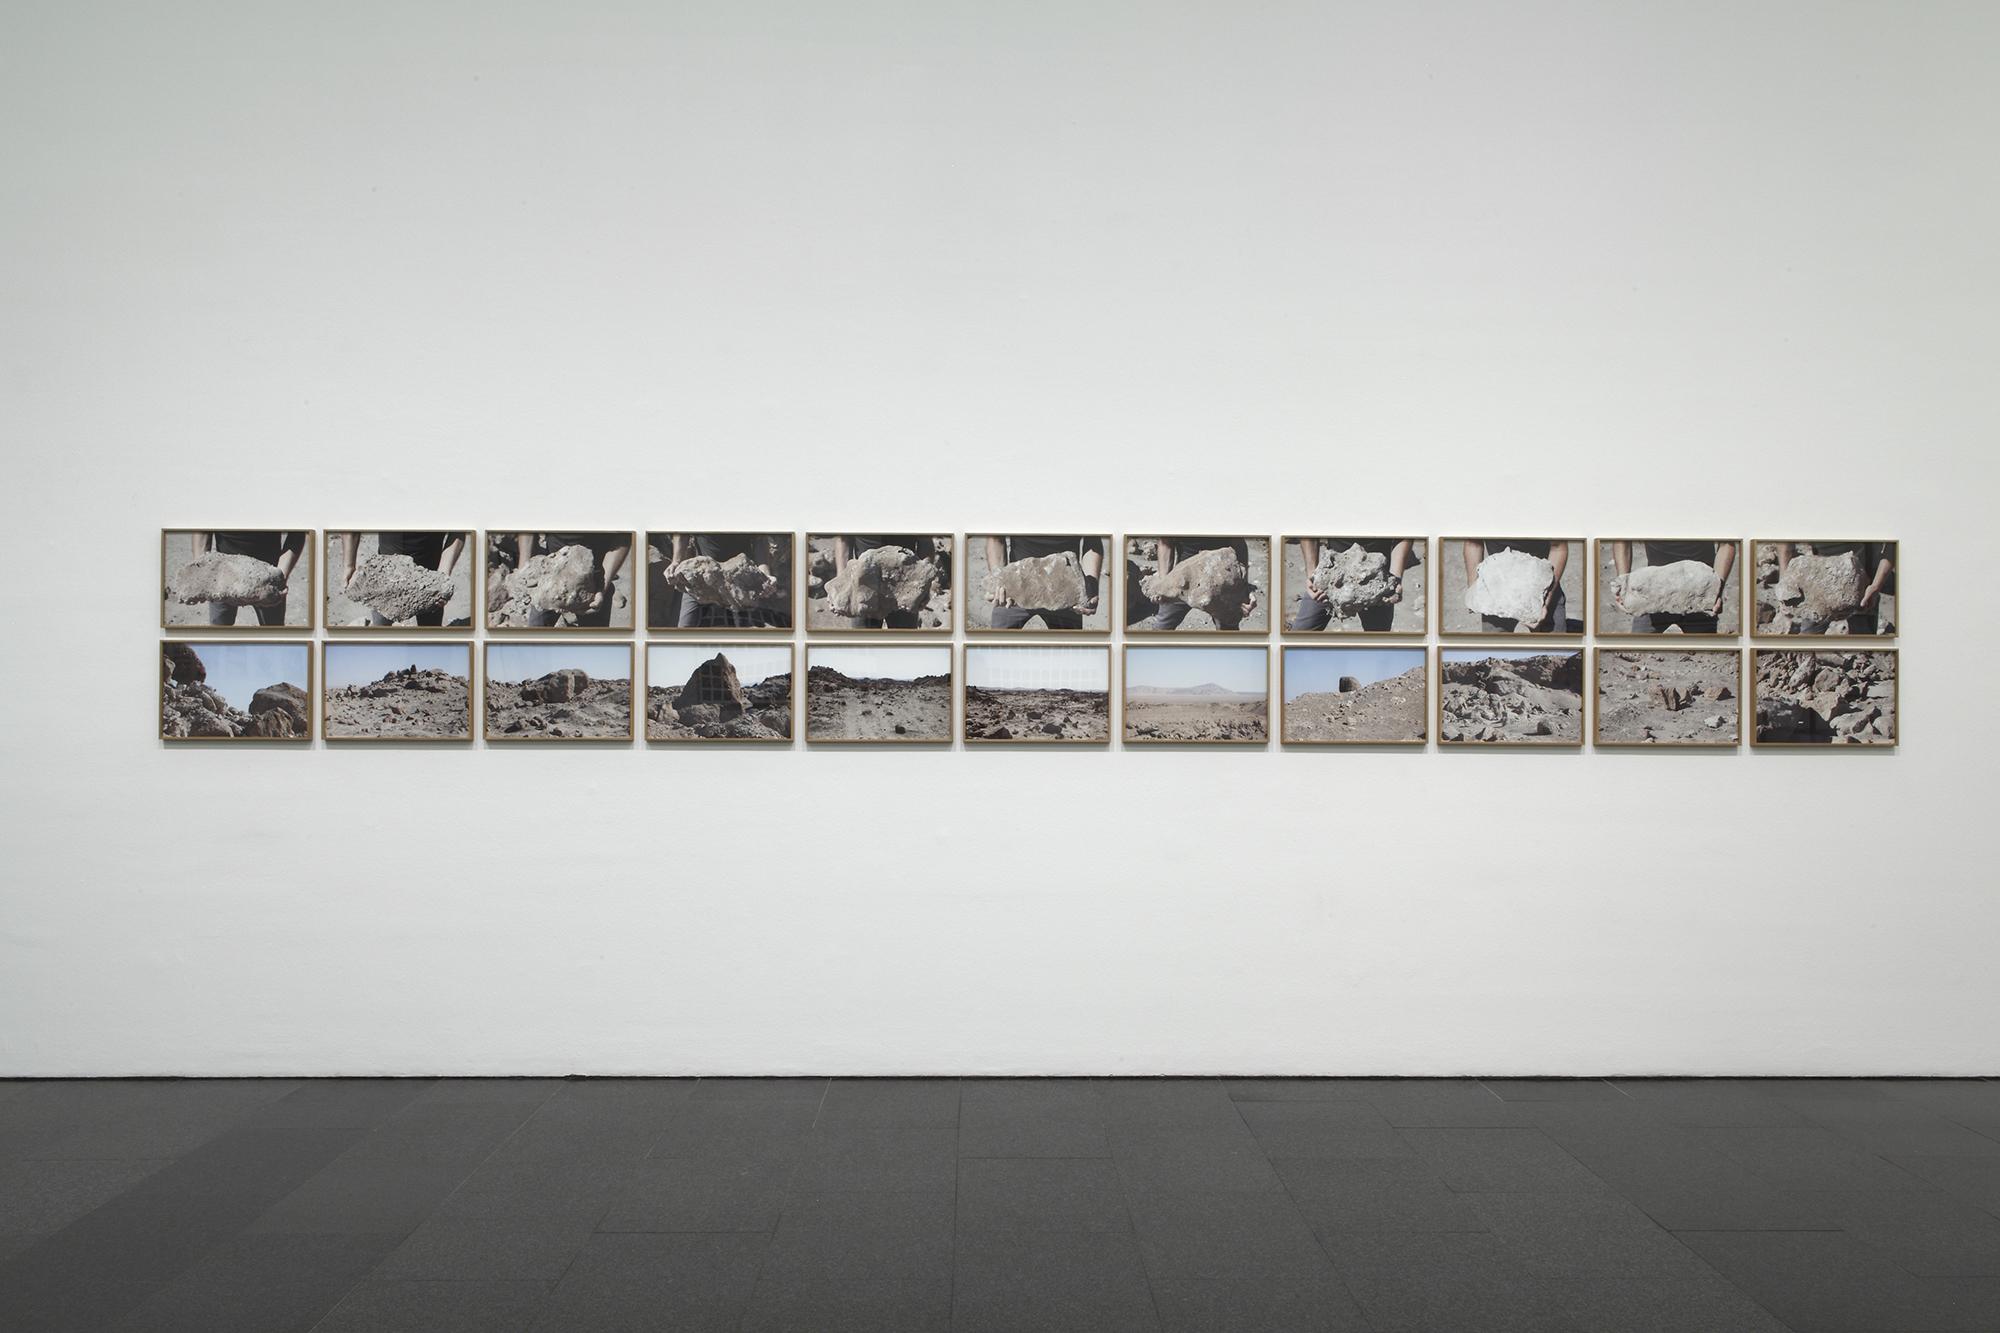 Caliche Fields, 2010      ProjecteSD